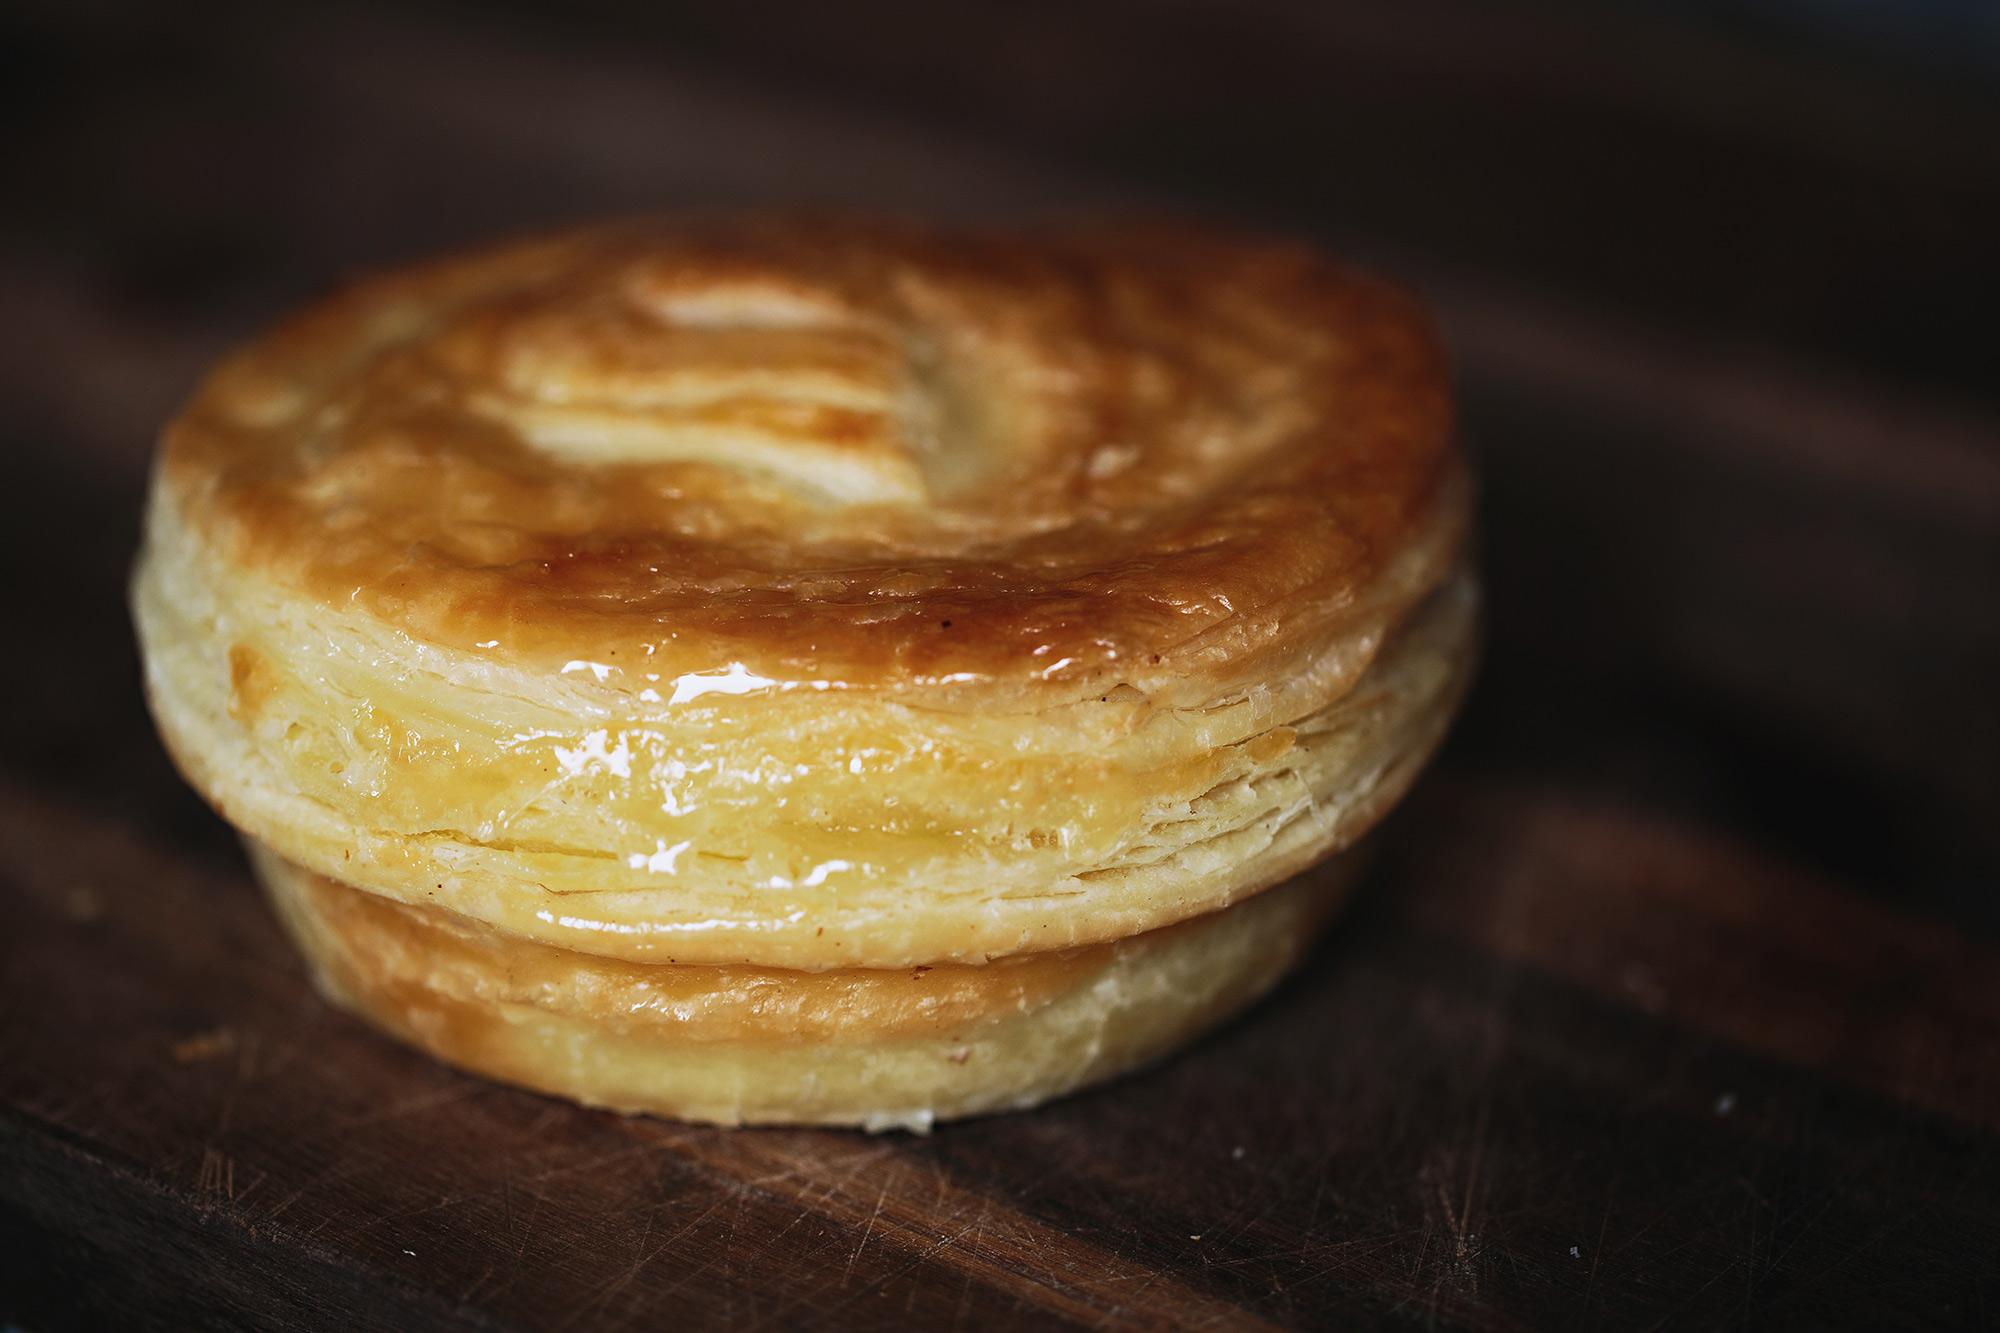 Lieber-pies-0162_Small.jpg